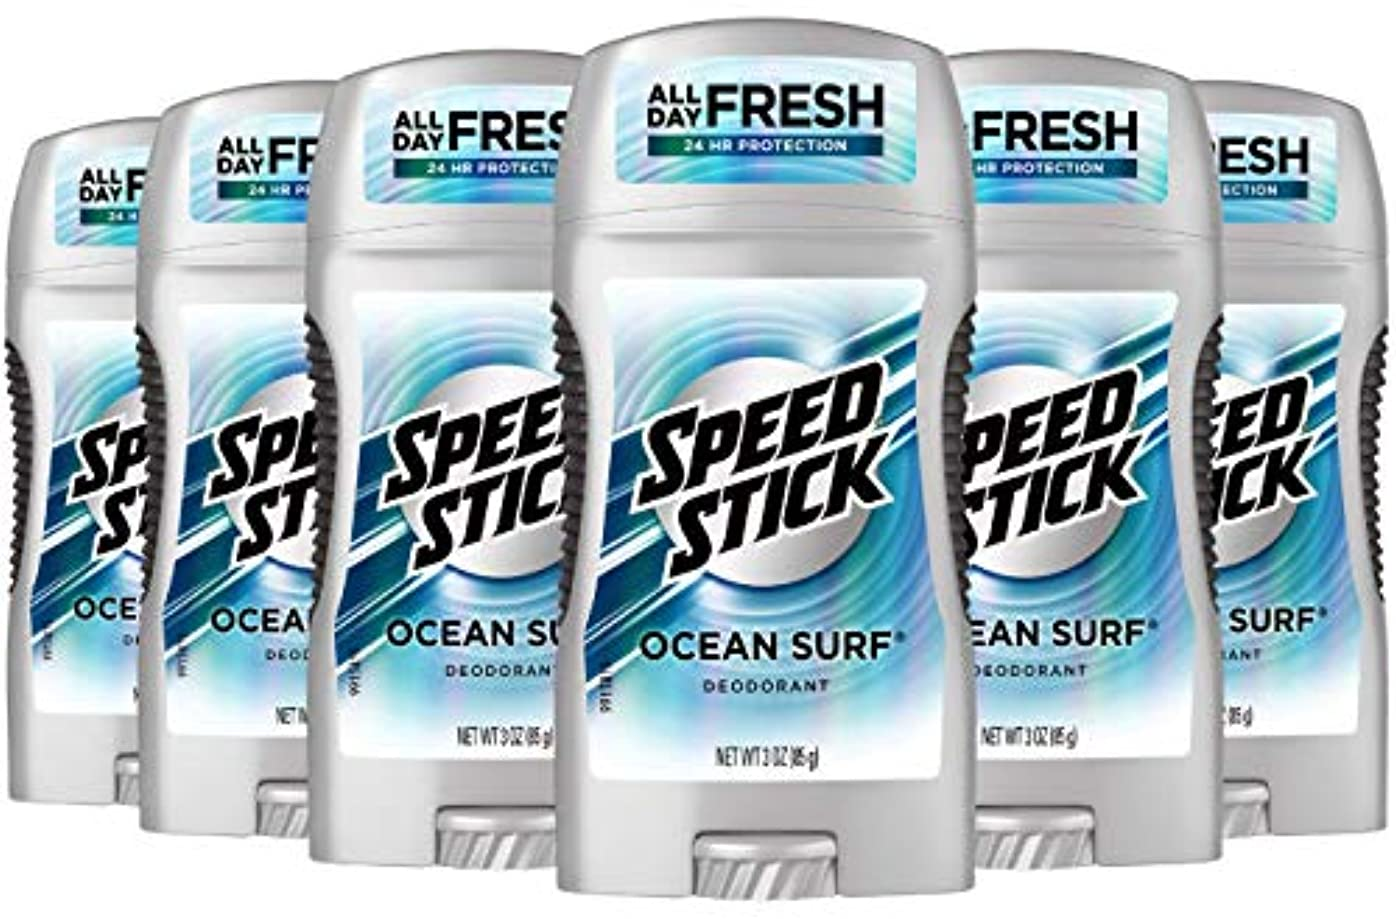 デコレーション魅惑するストレージSpeed Stick Deodorant, Ocean Surf 88 ml (Pack of 6) (並行輸入品)